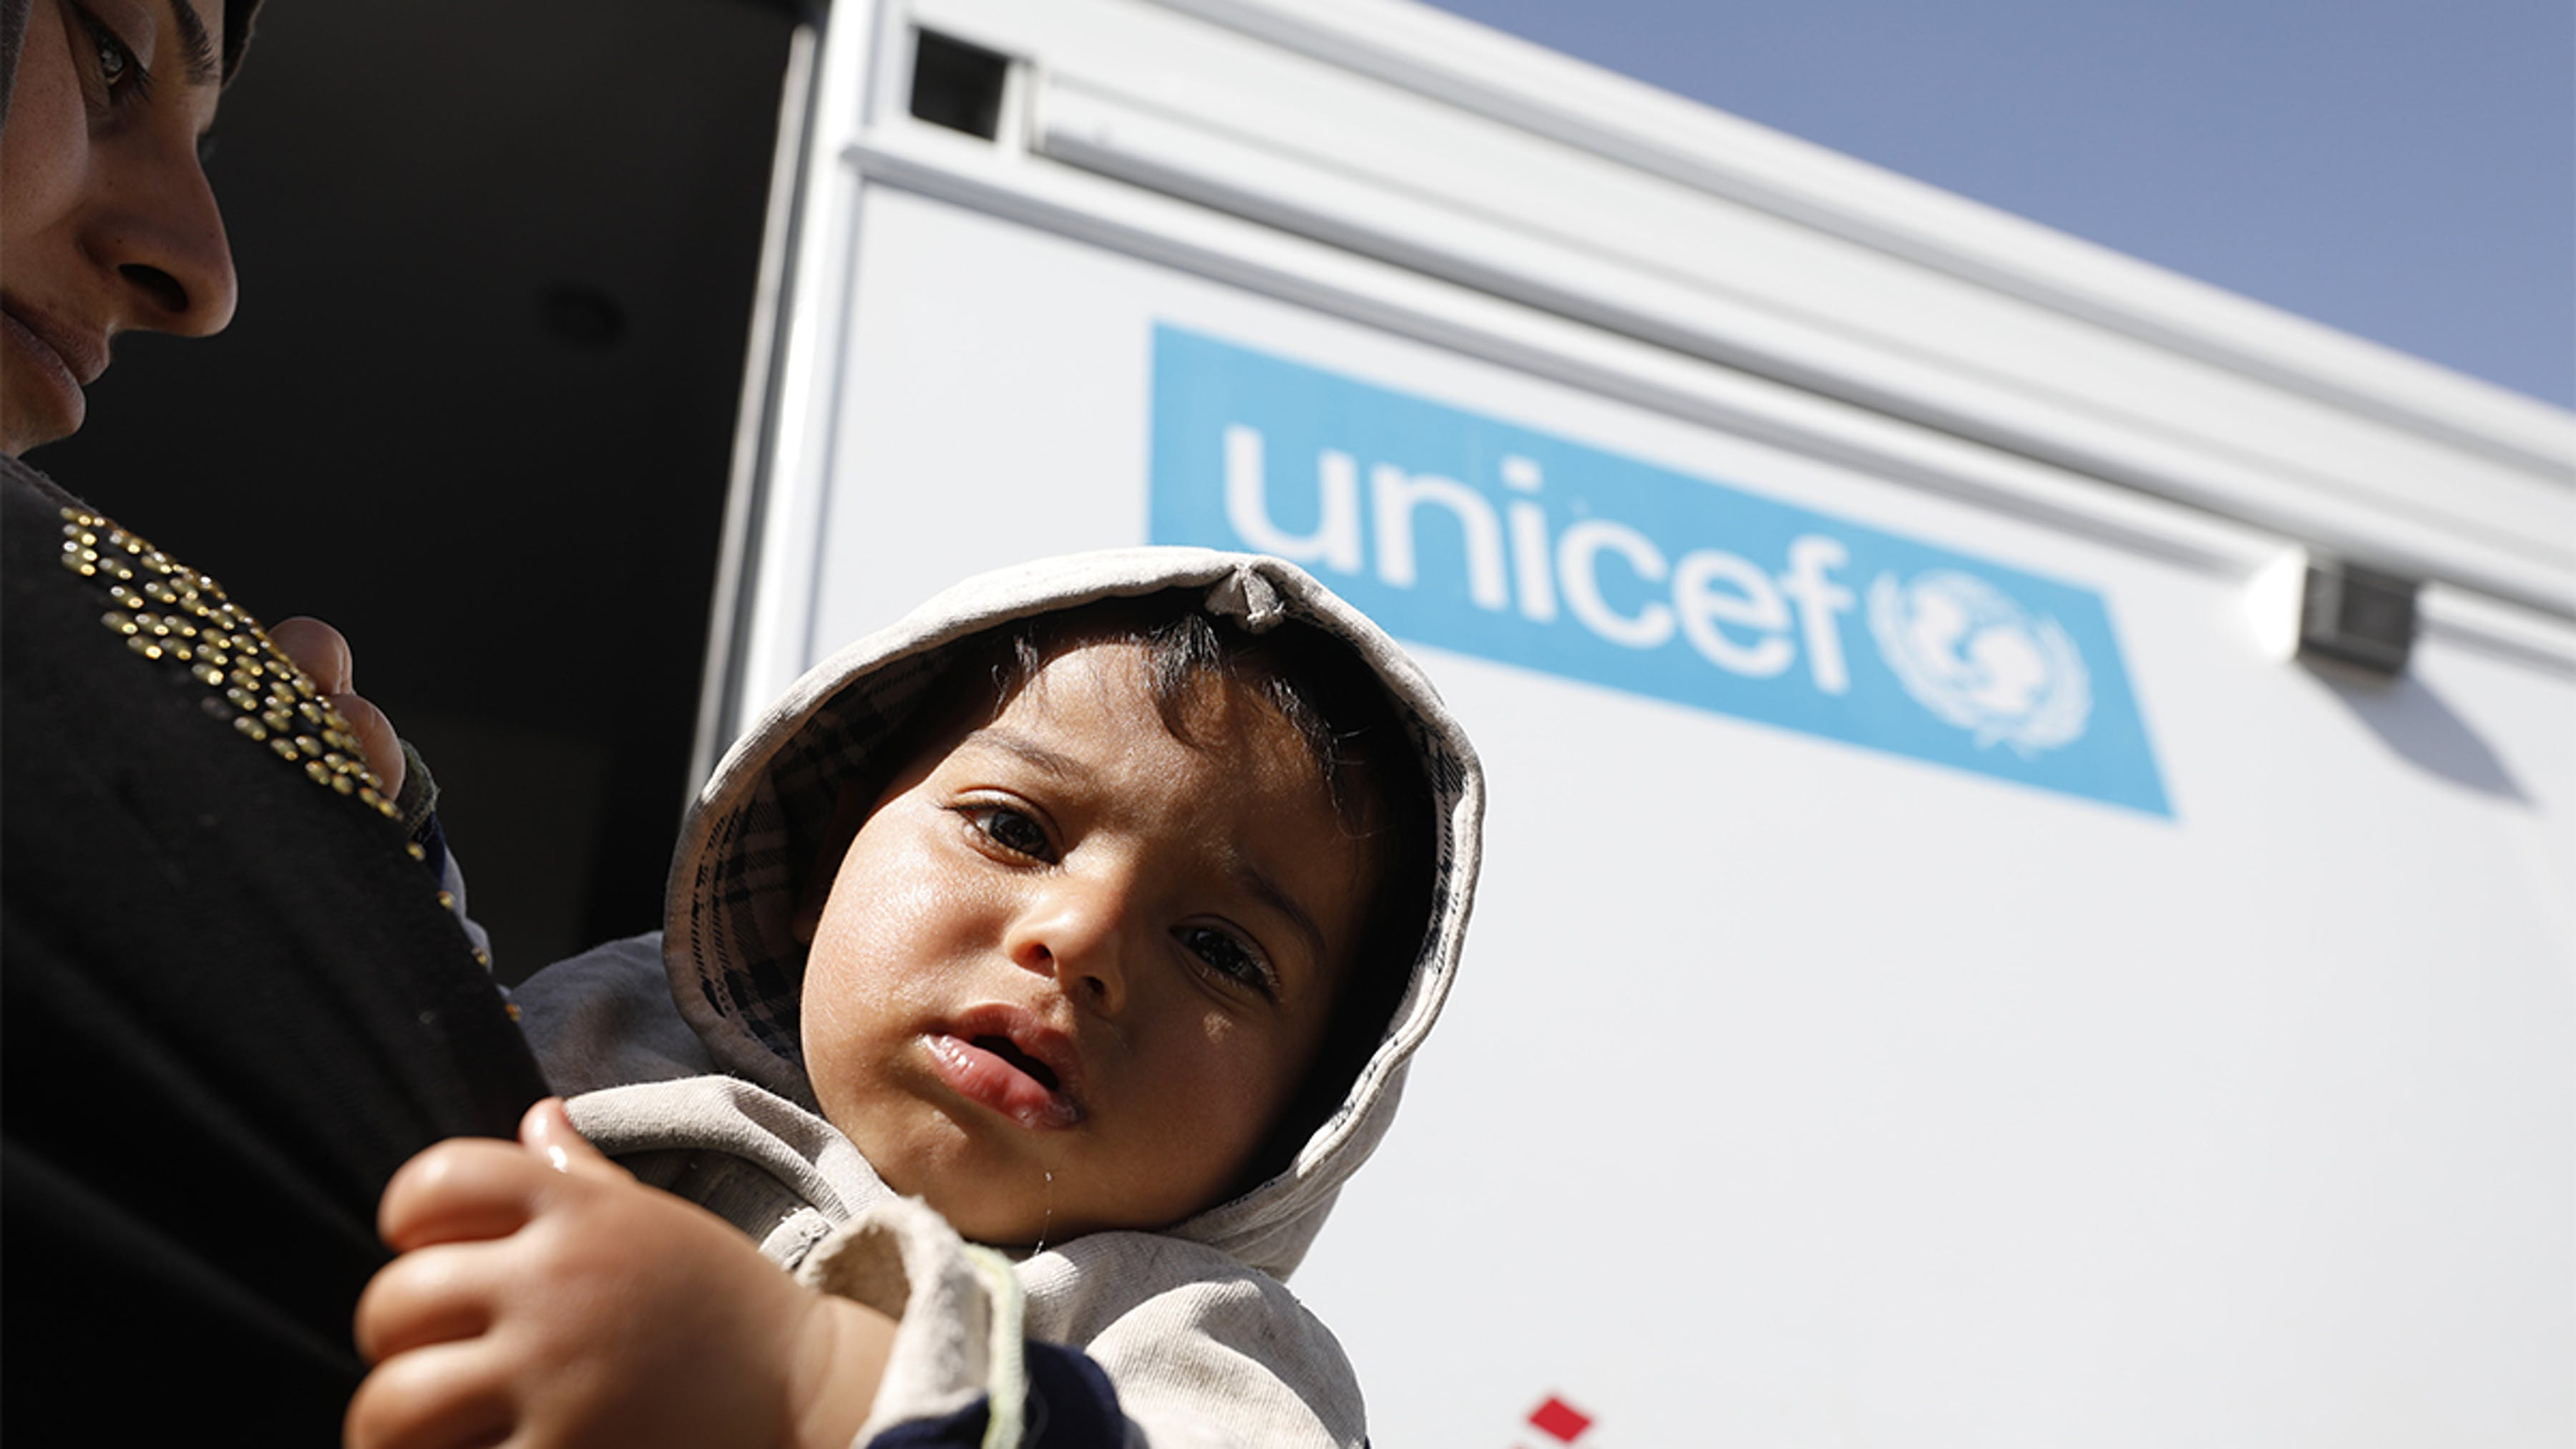 Siria,un bambino e sua madre entrano nella clinica sanitaria mobile supportata dall'UNICEF